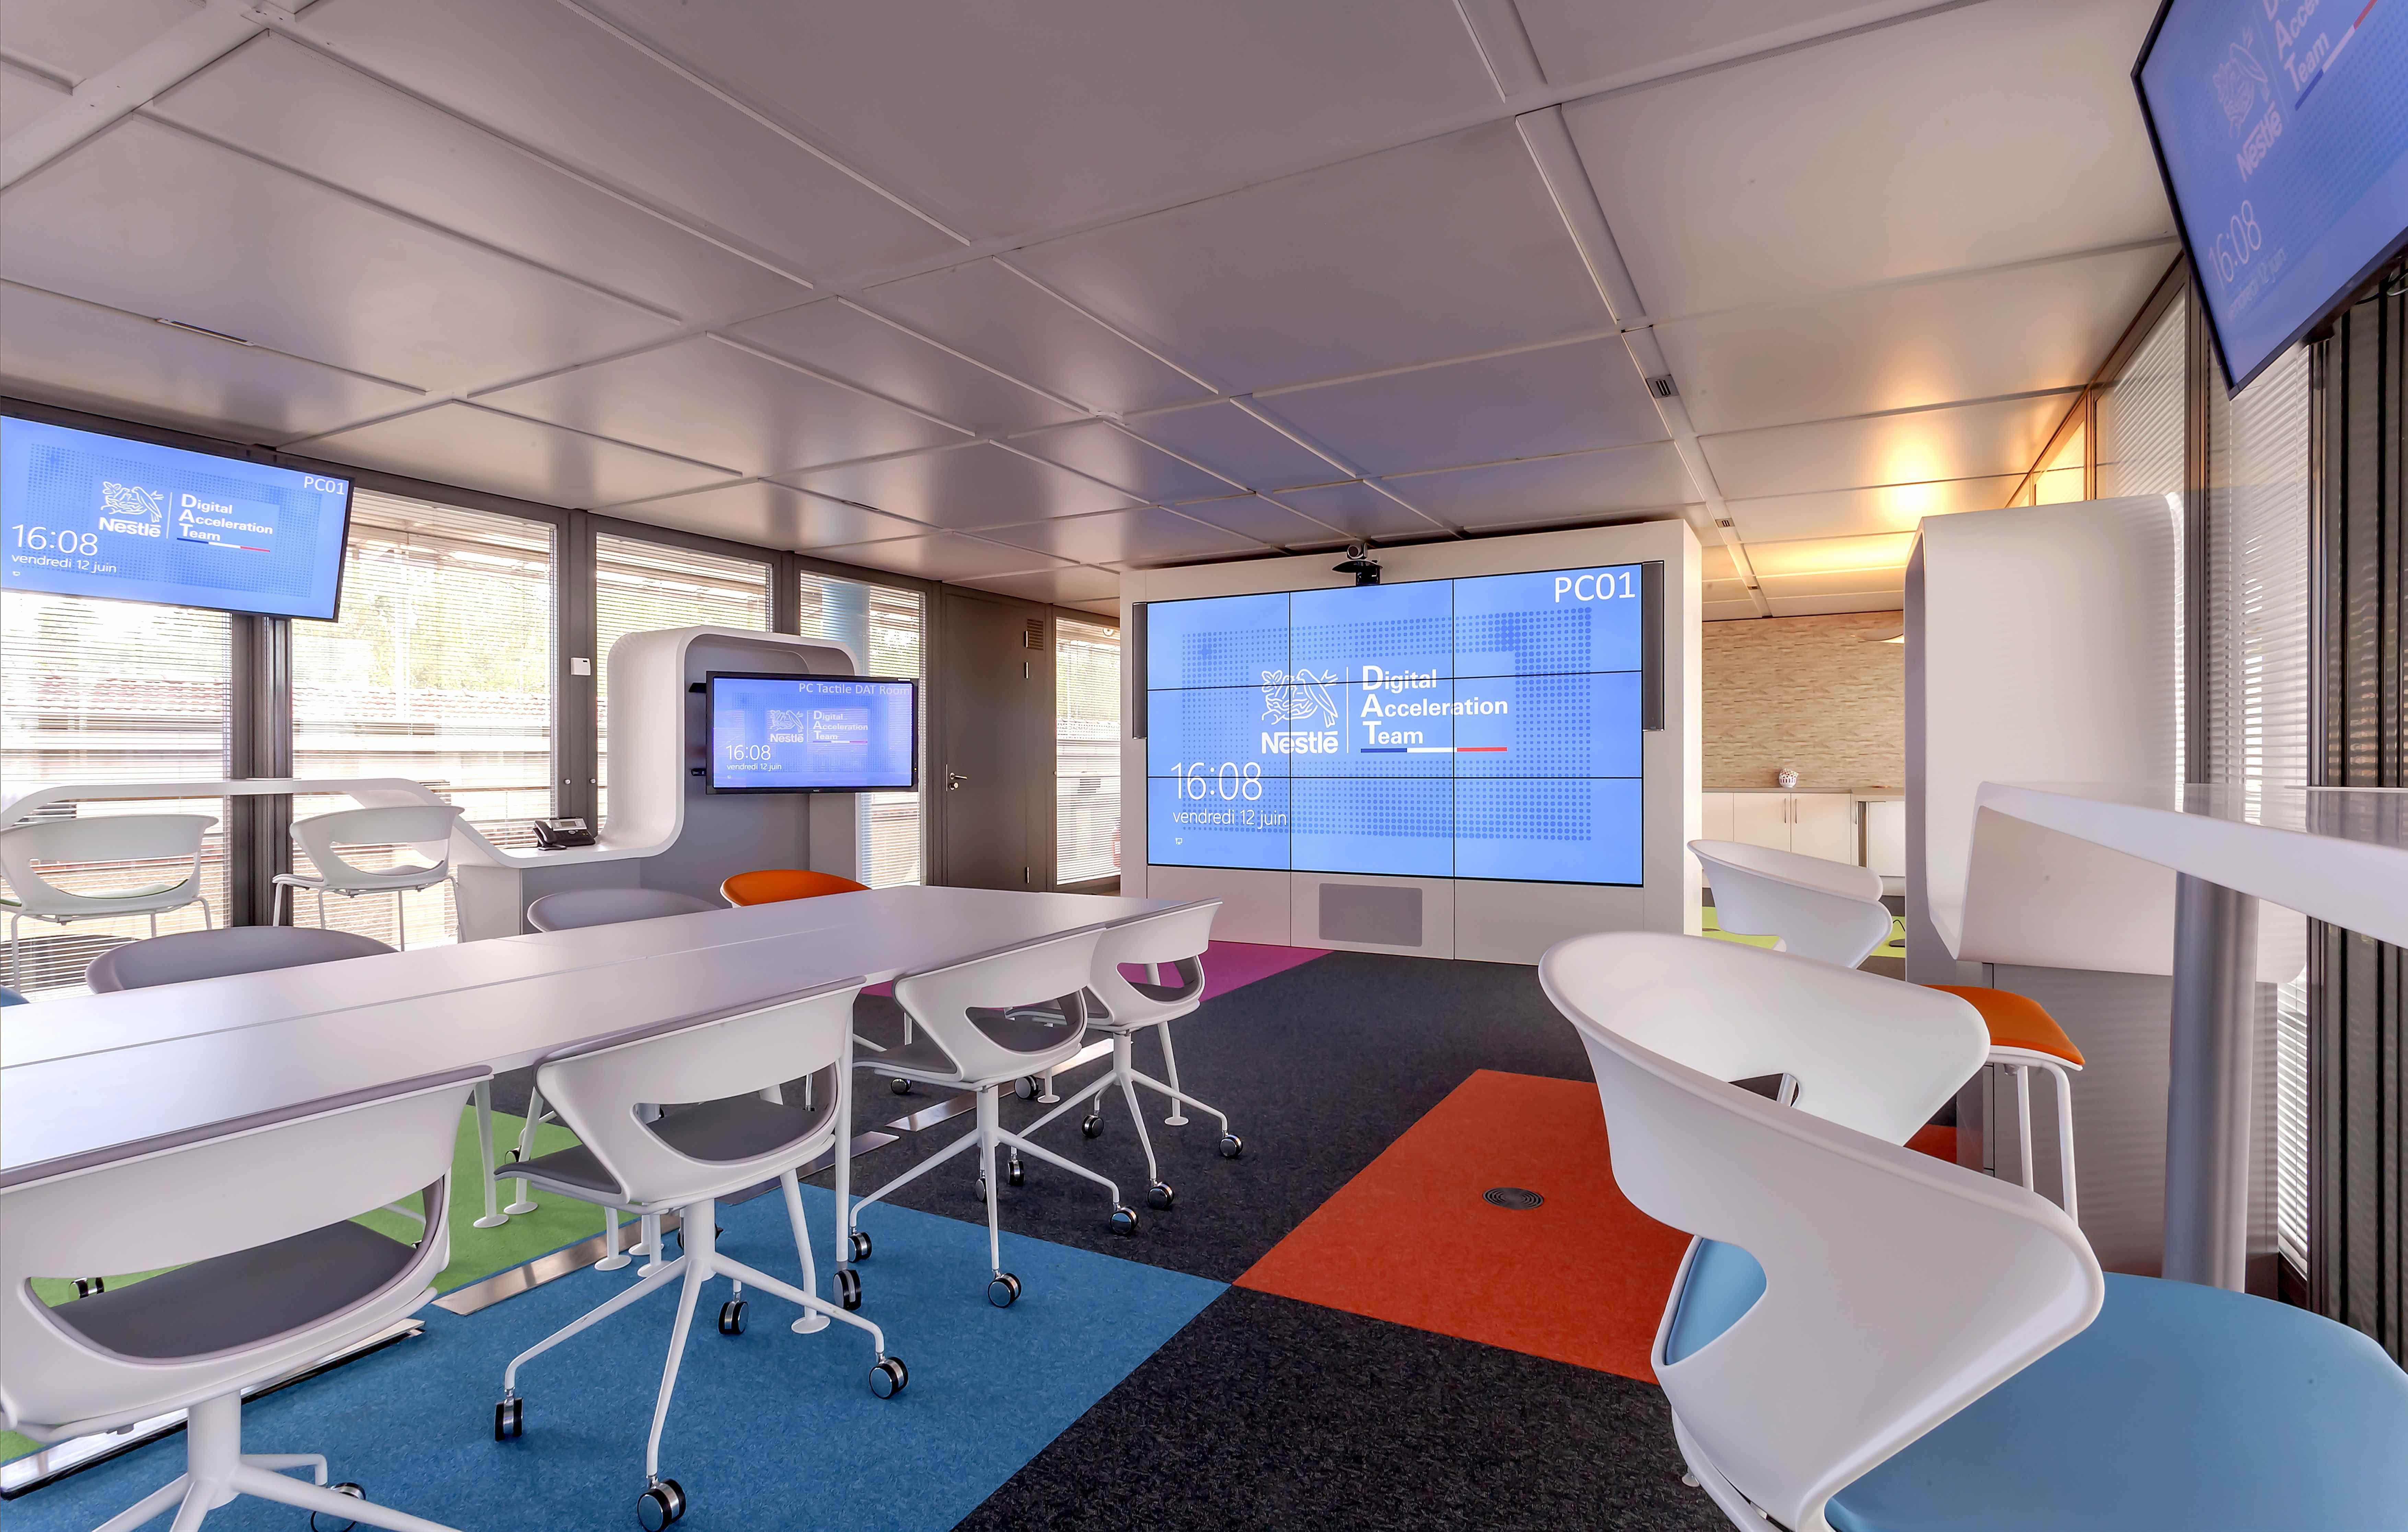 Mobilier de bureau Nestl Digital Space Habillage dcrans Plus